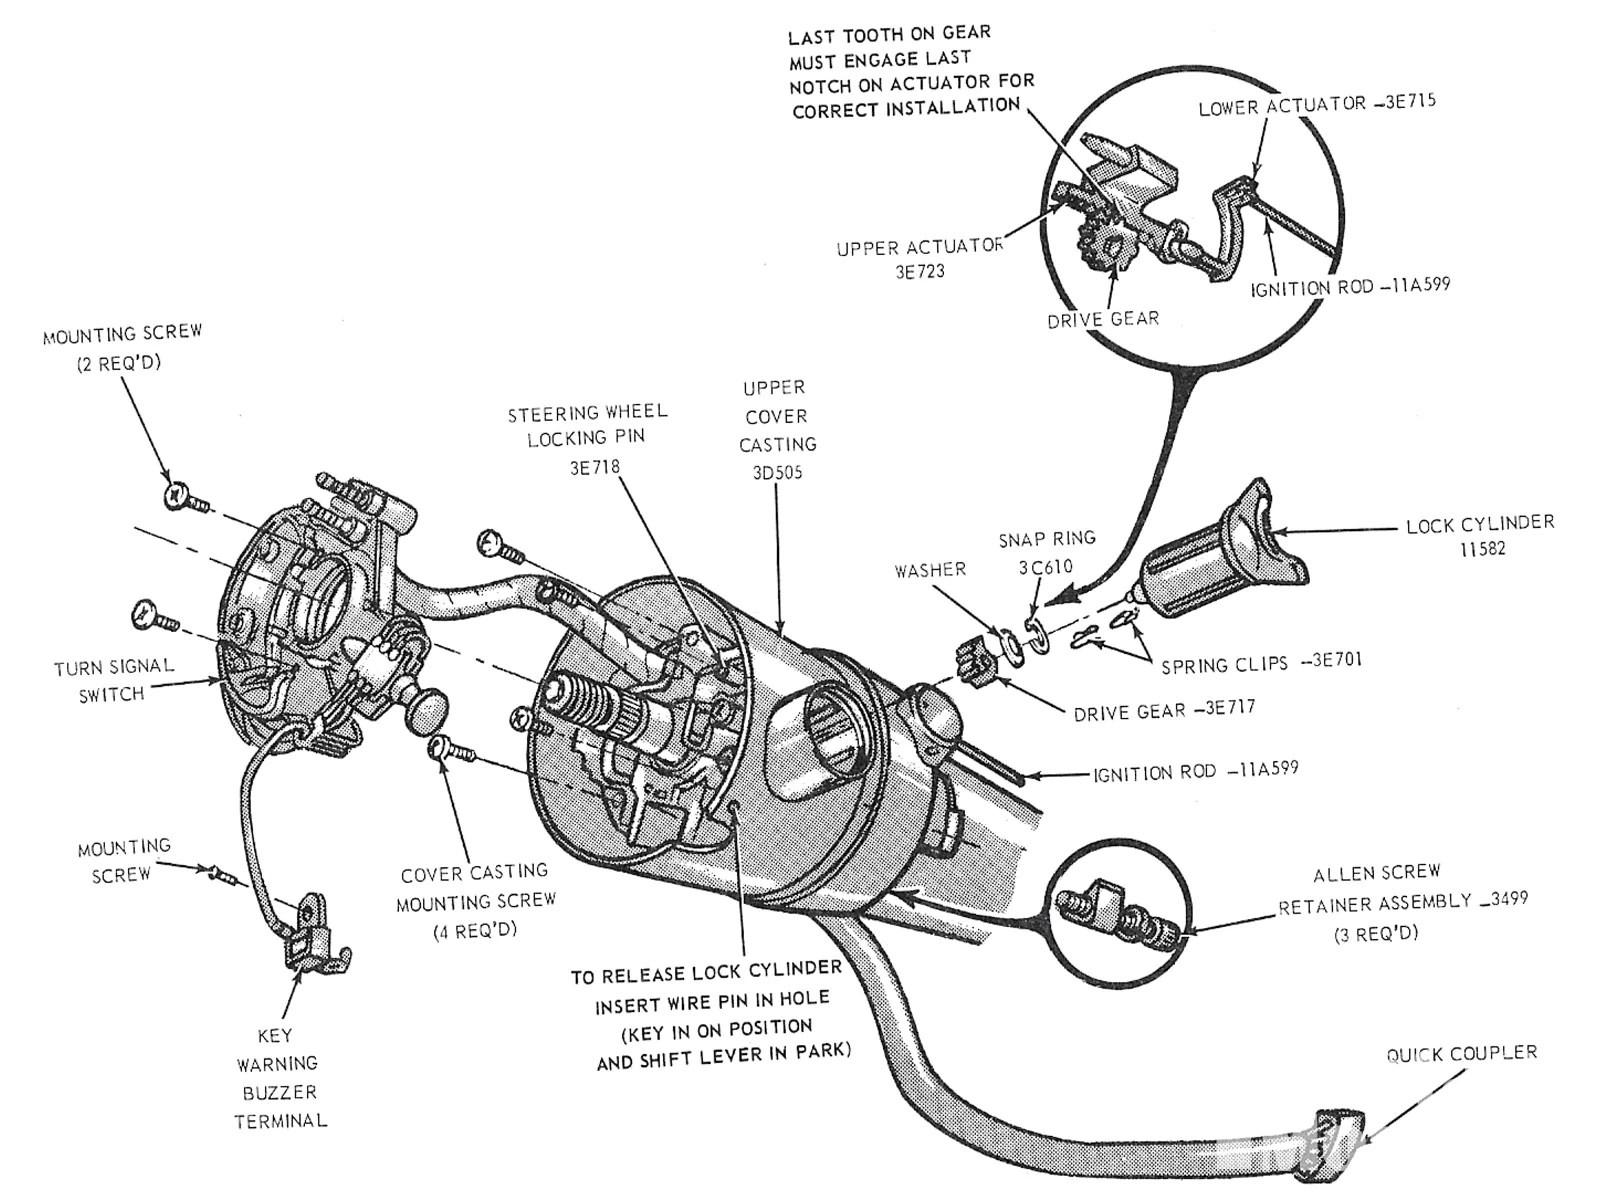 mump 1012 04 ford mustang locking steering columns locking tilt column diagram [ 1600 x 1200 Pixel ]